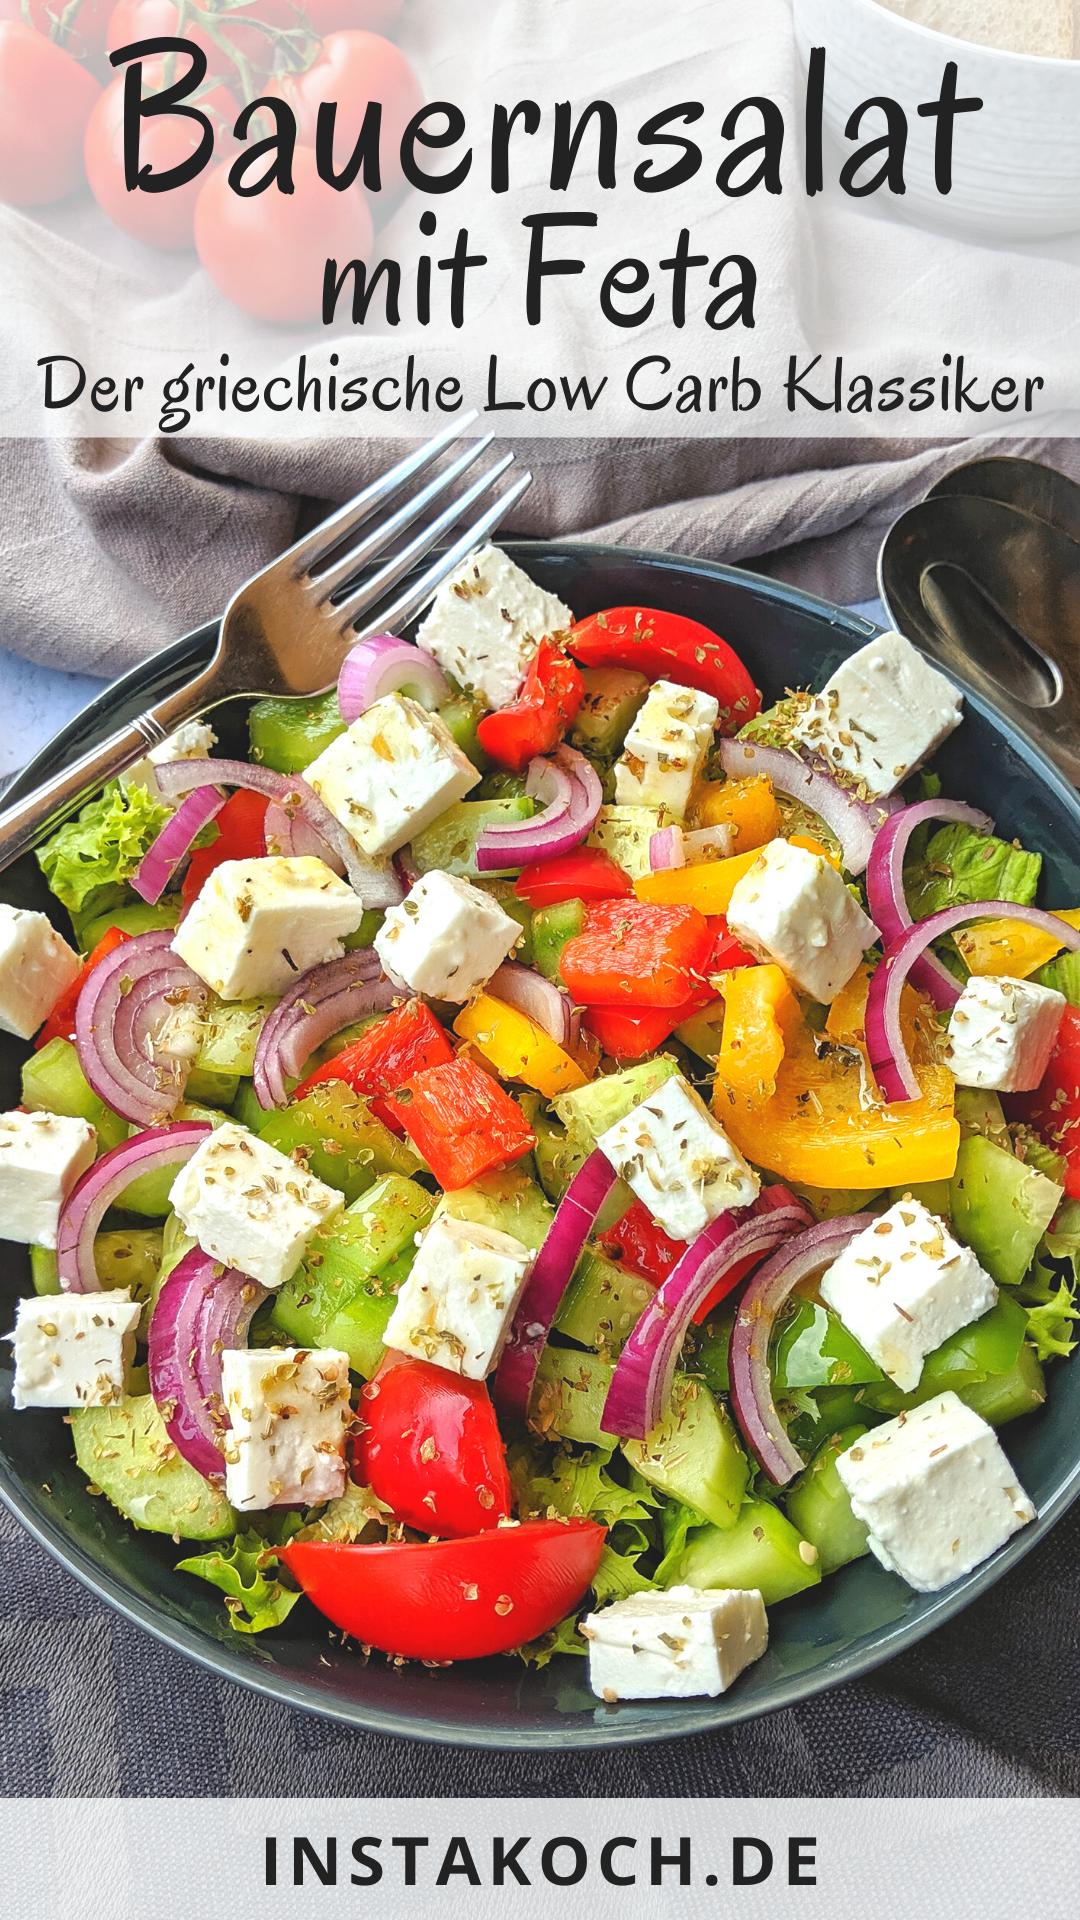 Bauernsalat - Tolle Low Carb Grillbeilage - Fertig in 20 Minuten